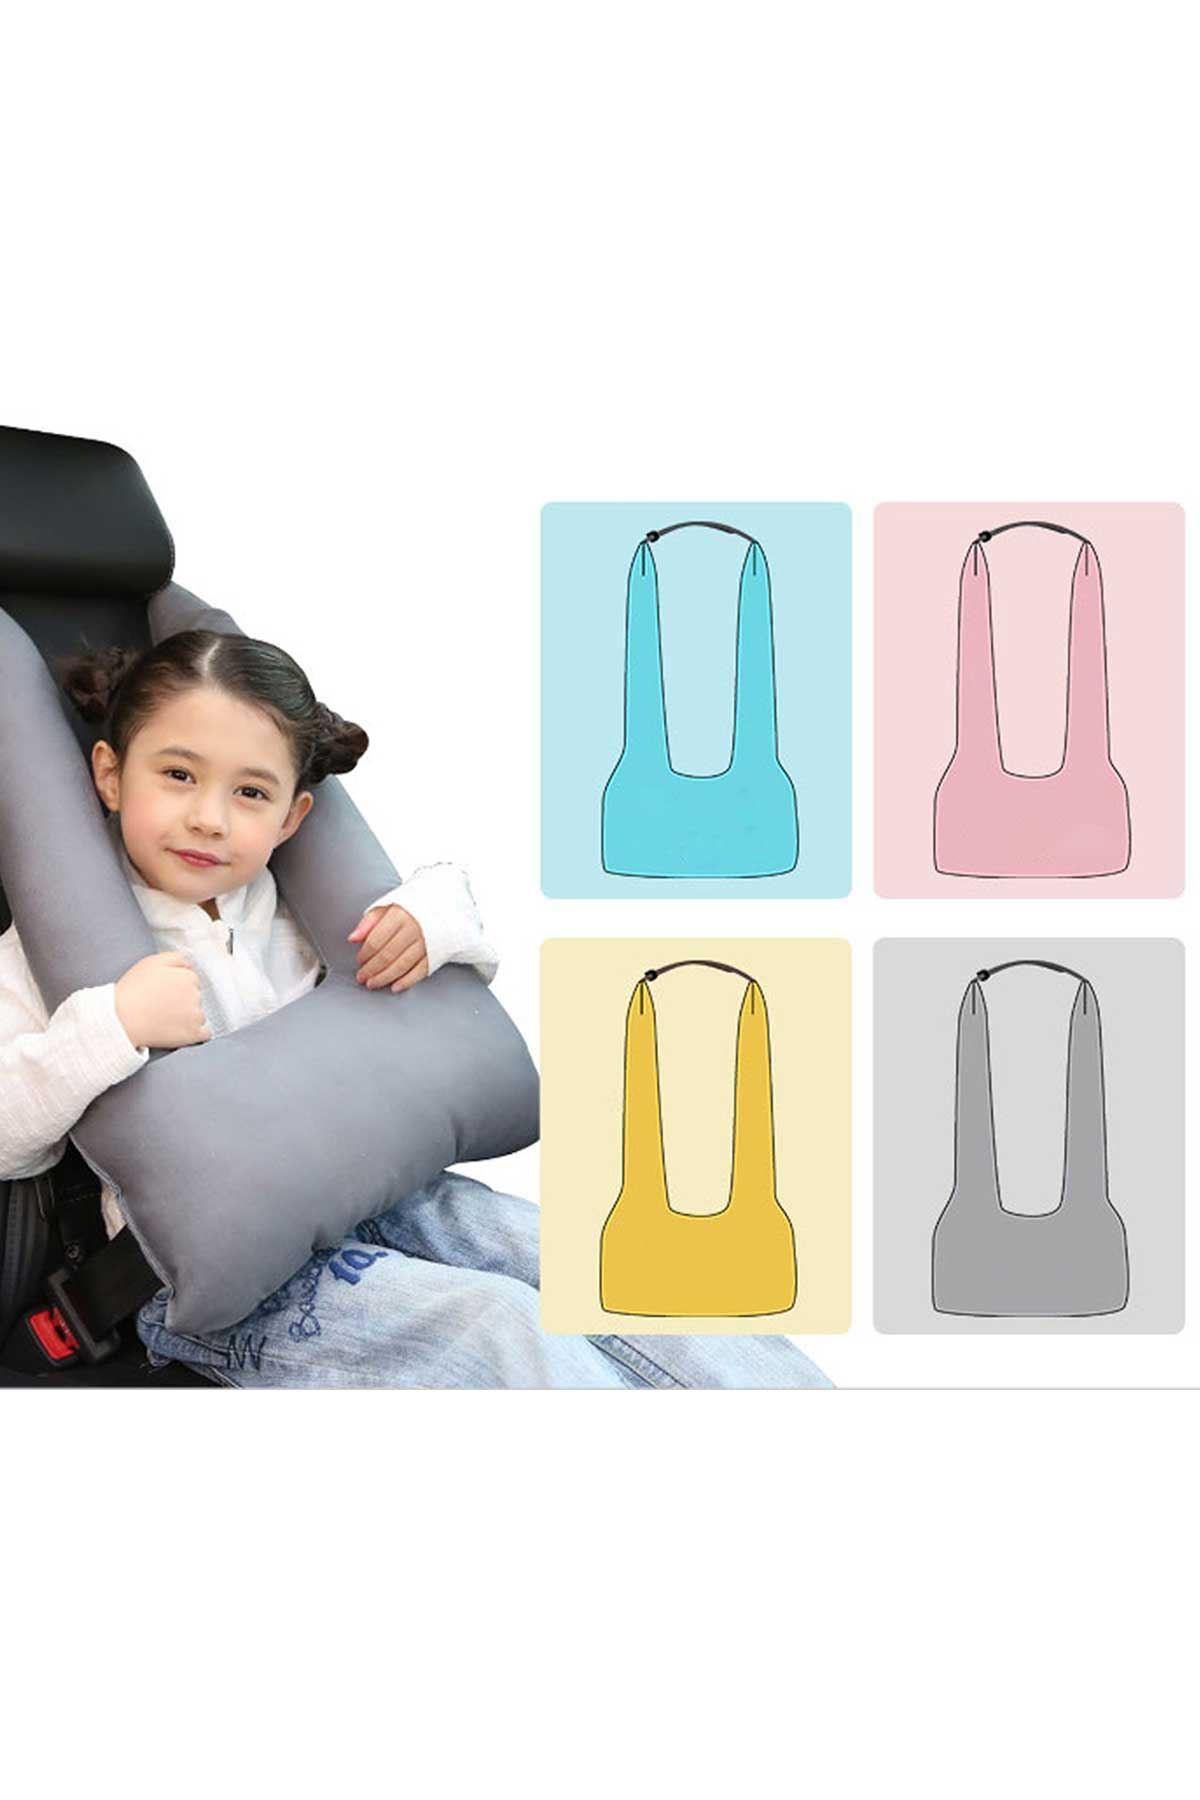 Sarı Bundera Pillow Çocuk Emniyet Kemer Yastığı Düzenleyici Oto Emniyet Kemeri Tutucu